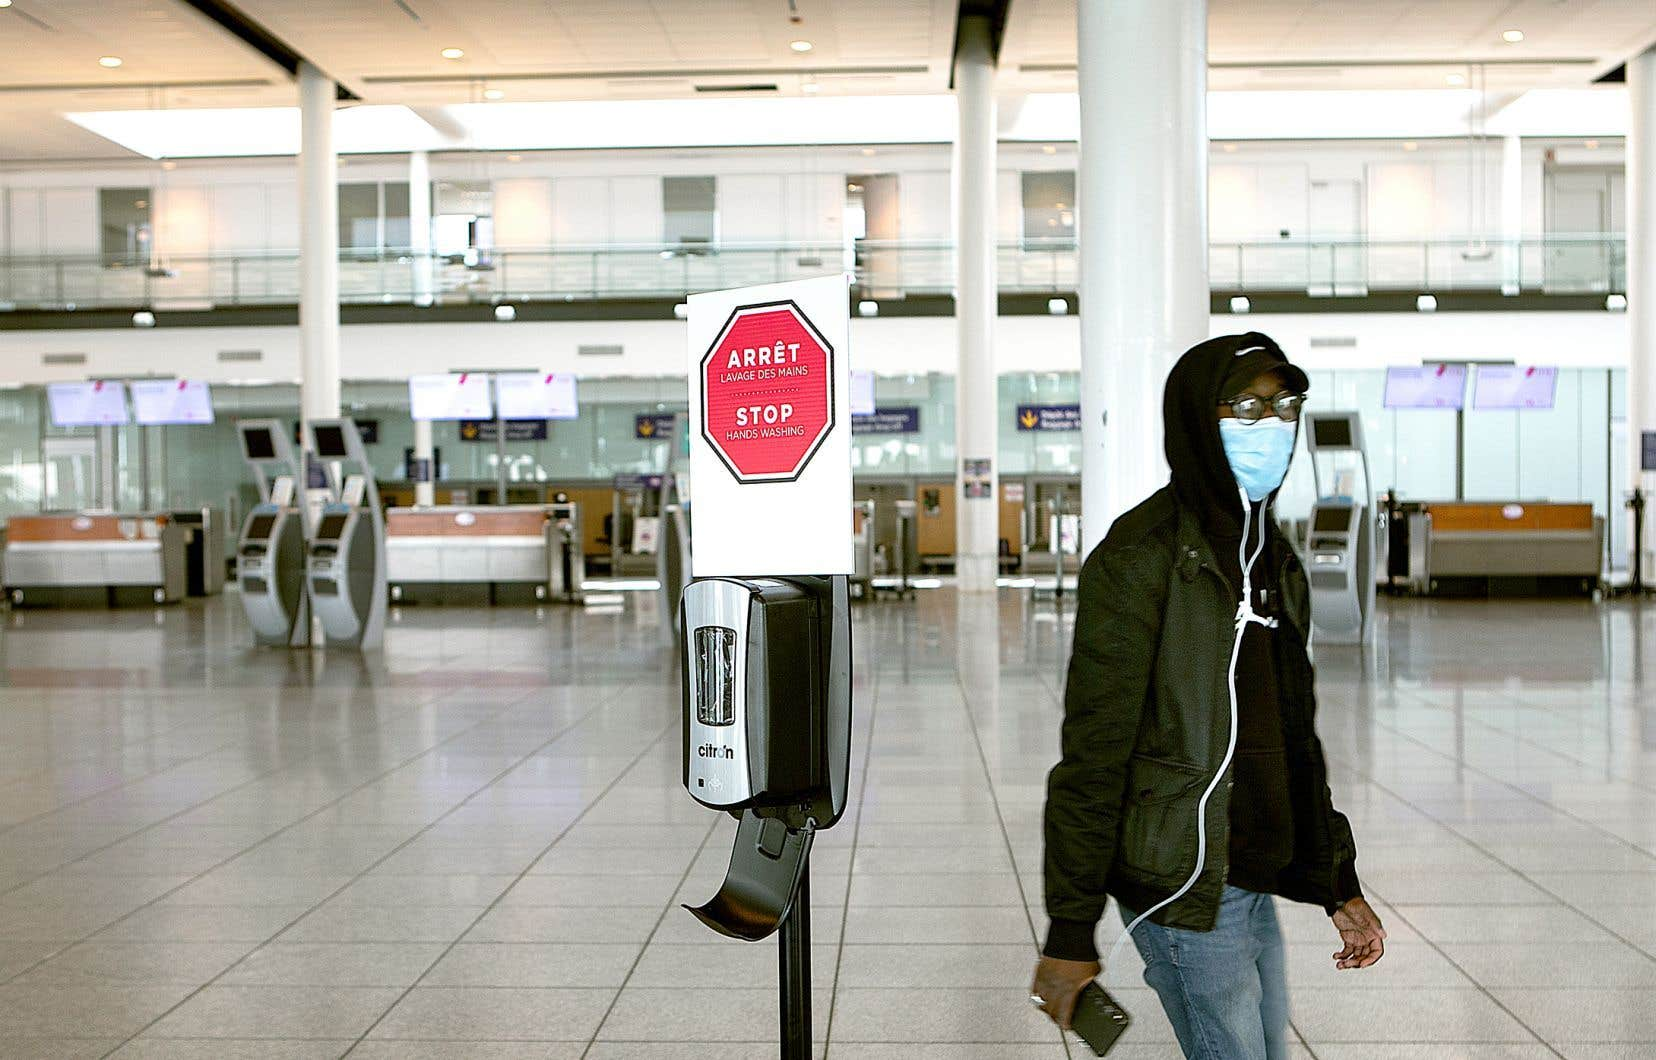 S'ils pouvaient se projeter six mois après la levée des avertissements gouvernementaux sur les voyages, 66% des Québécois seraient enthousiastes de s'évader pour le plaisir.